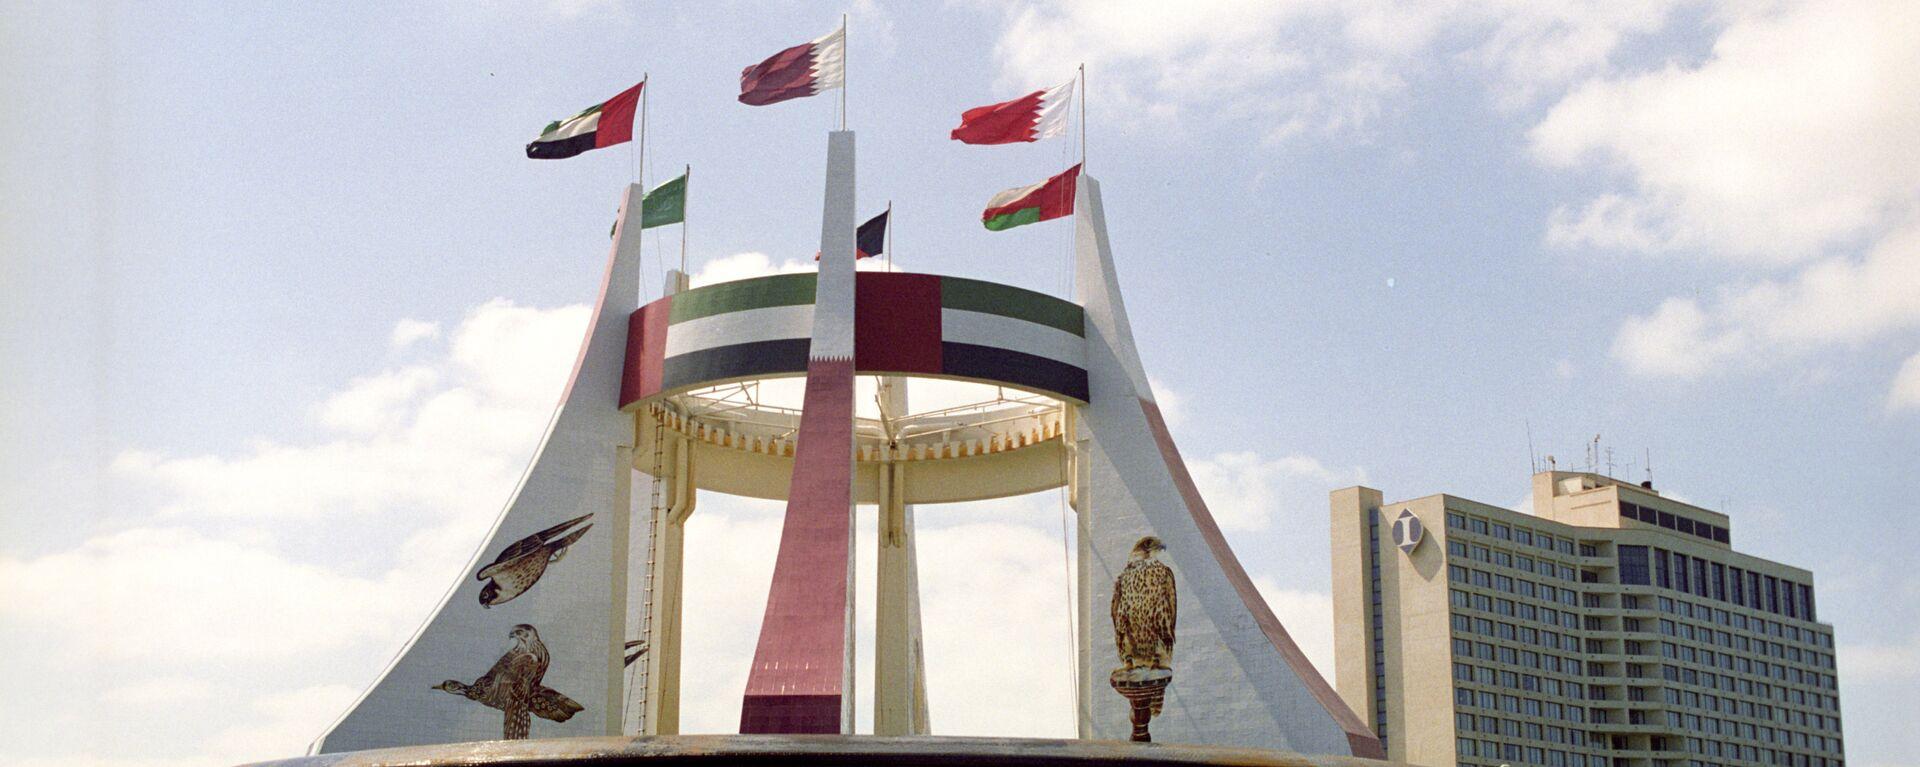 Памятник в честь создания независимого федеративного государства Объединенных Арабских Эмиратов - Sputnik Грузия, 1920, 20.09.2021